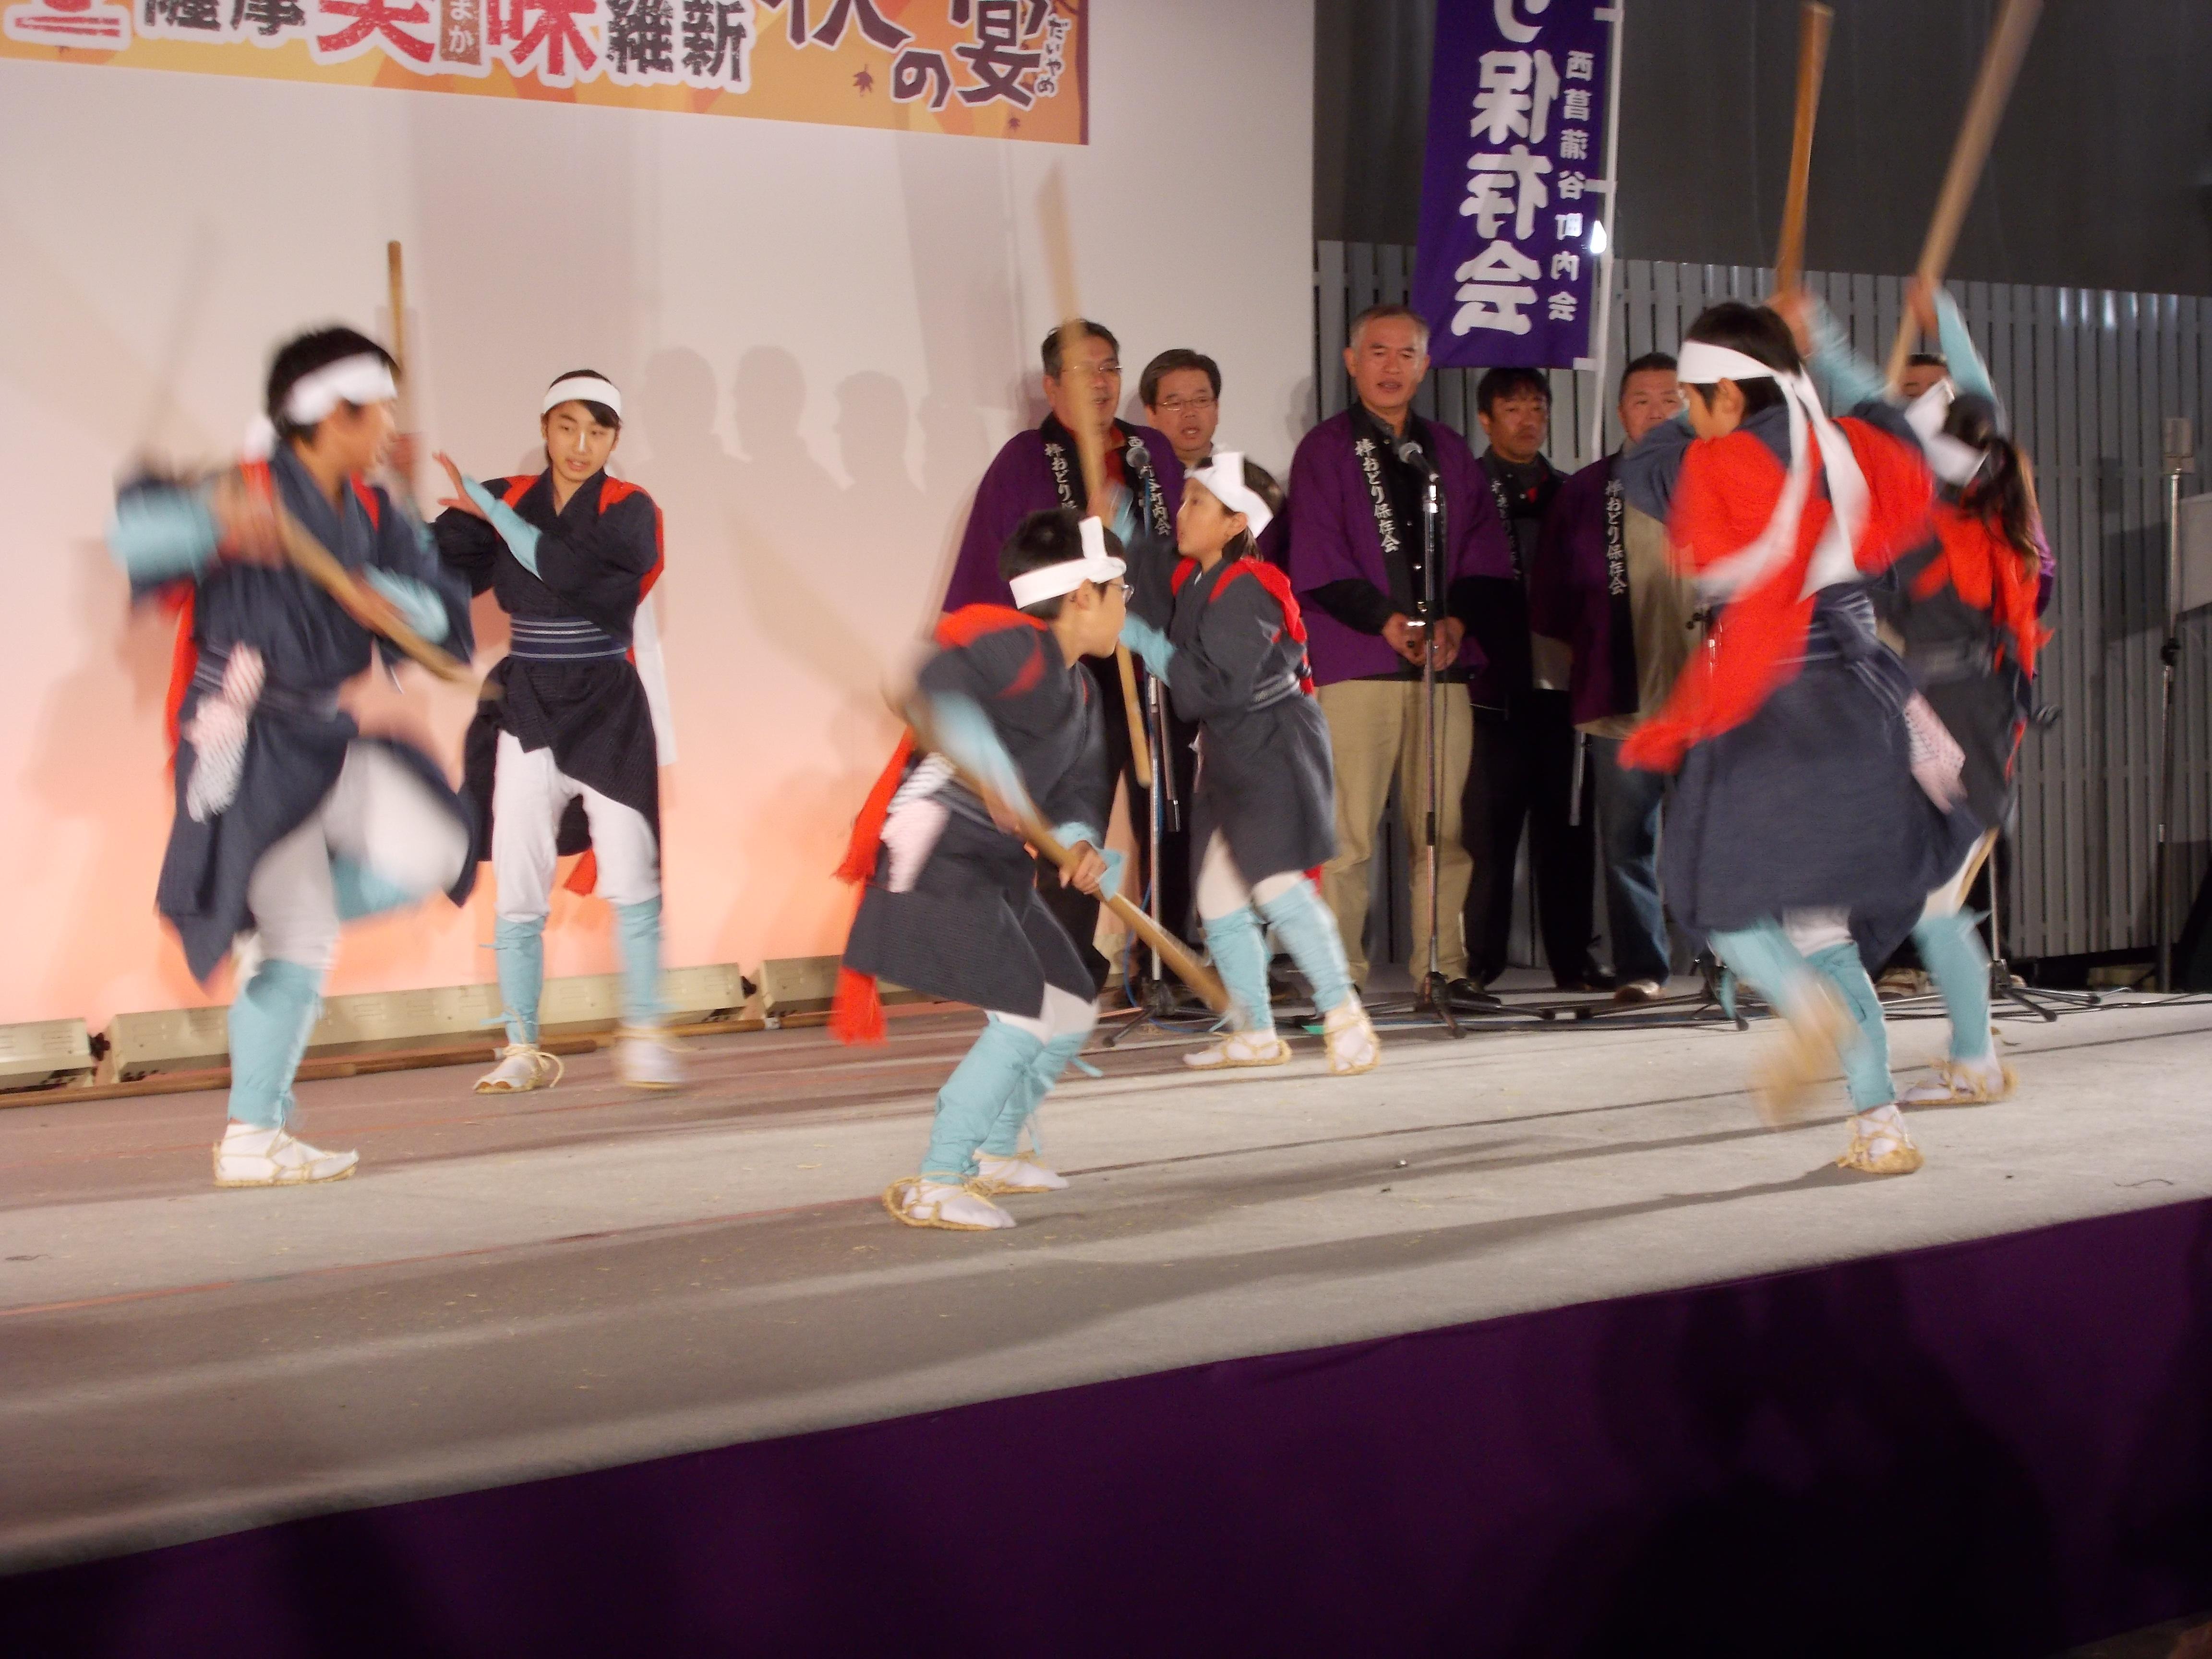 棒踊り(西菖蒲谷)